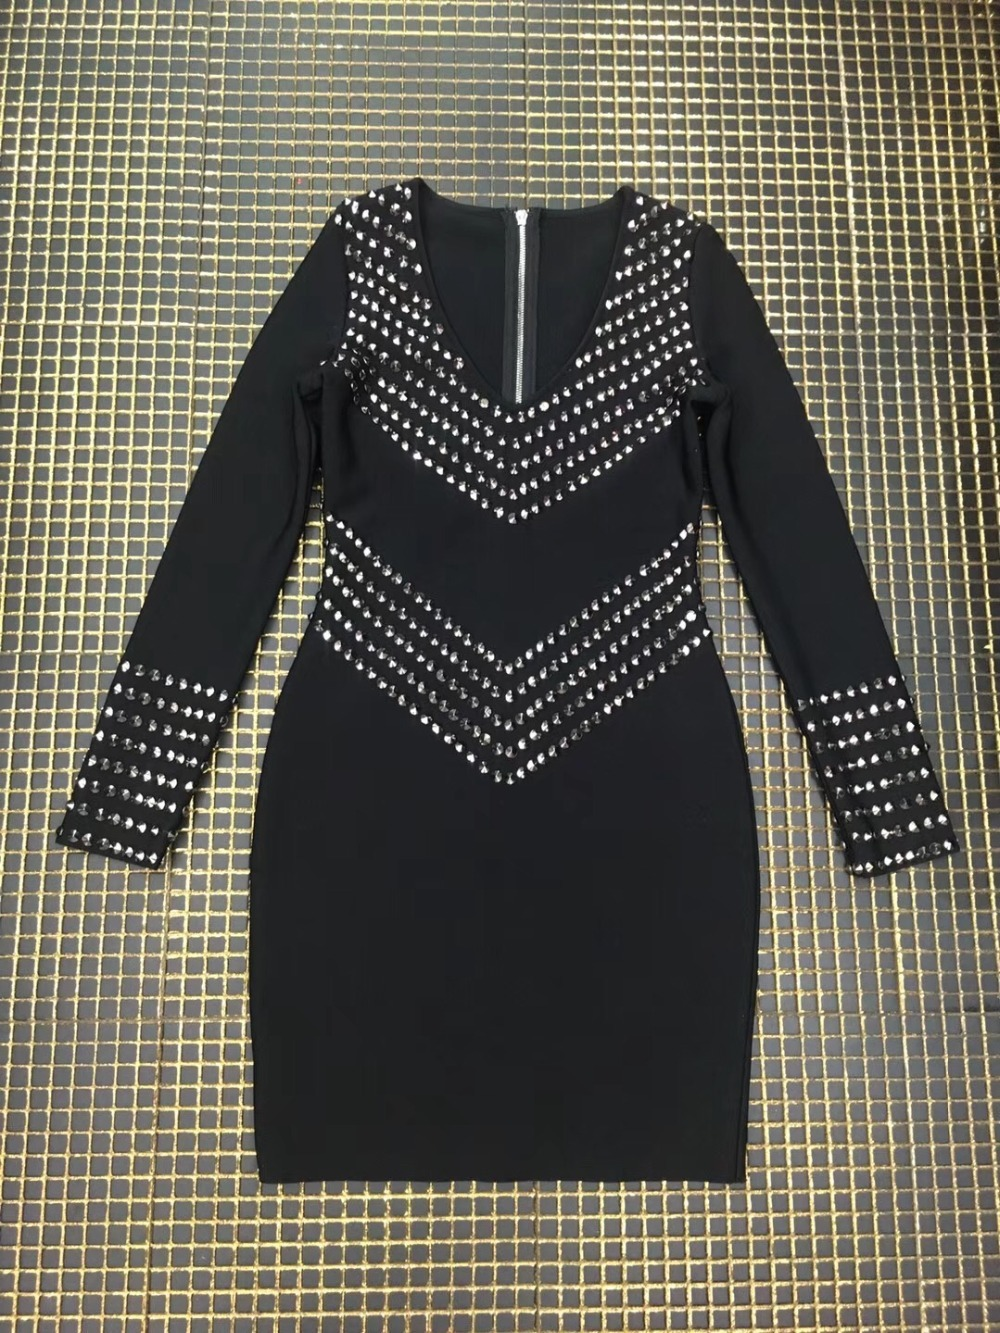 Parti Rayonne Manches Noir Bandage Qualité Moulante Femmes Perles Haute Robe Longues Homecoming Stretch wZP1qnOx